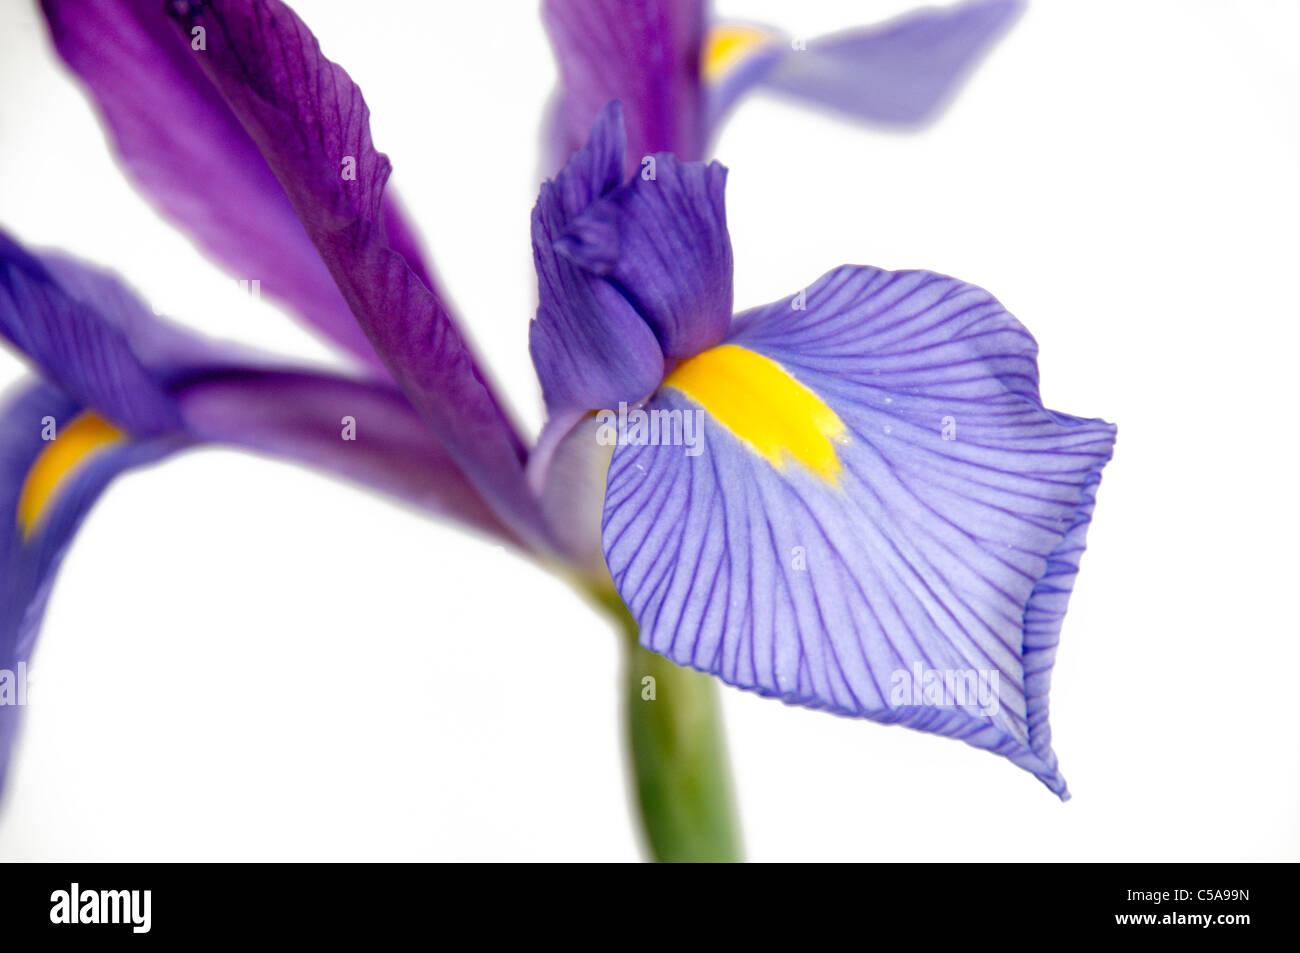 Un Iris púrpura y amarillo aislado sobre un fondo blanco. Foto de stock